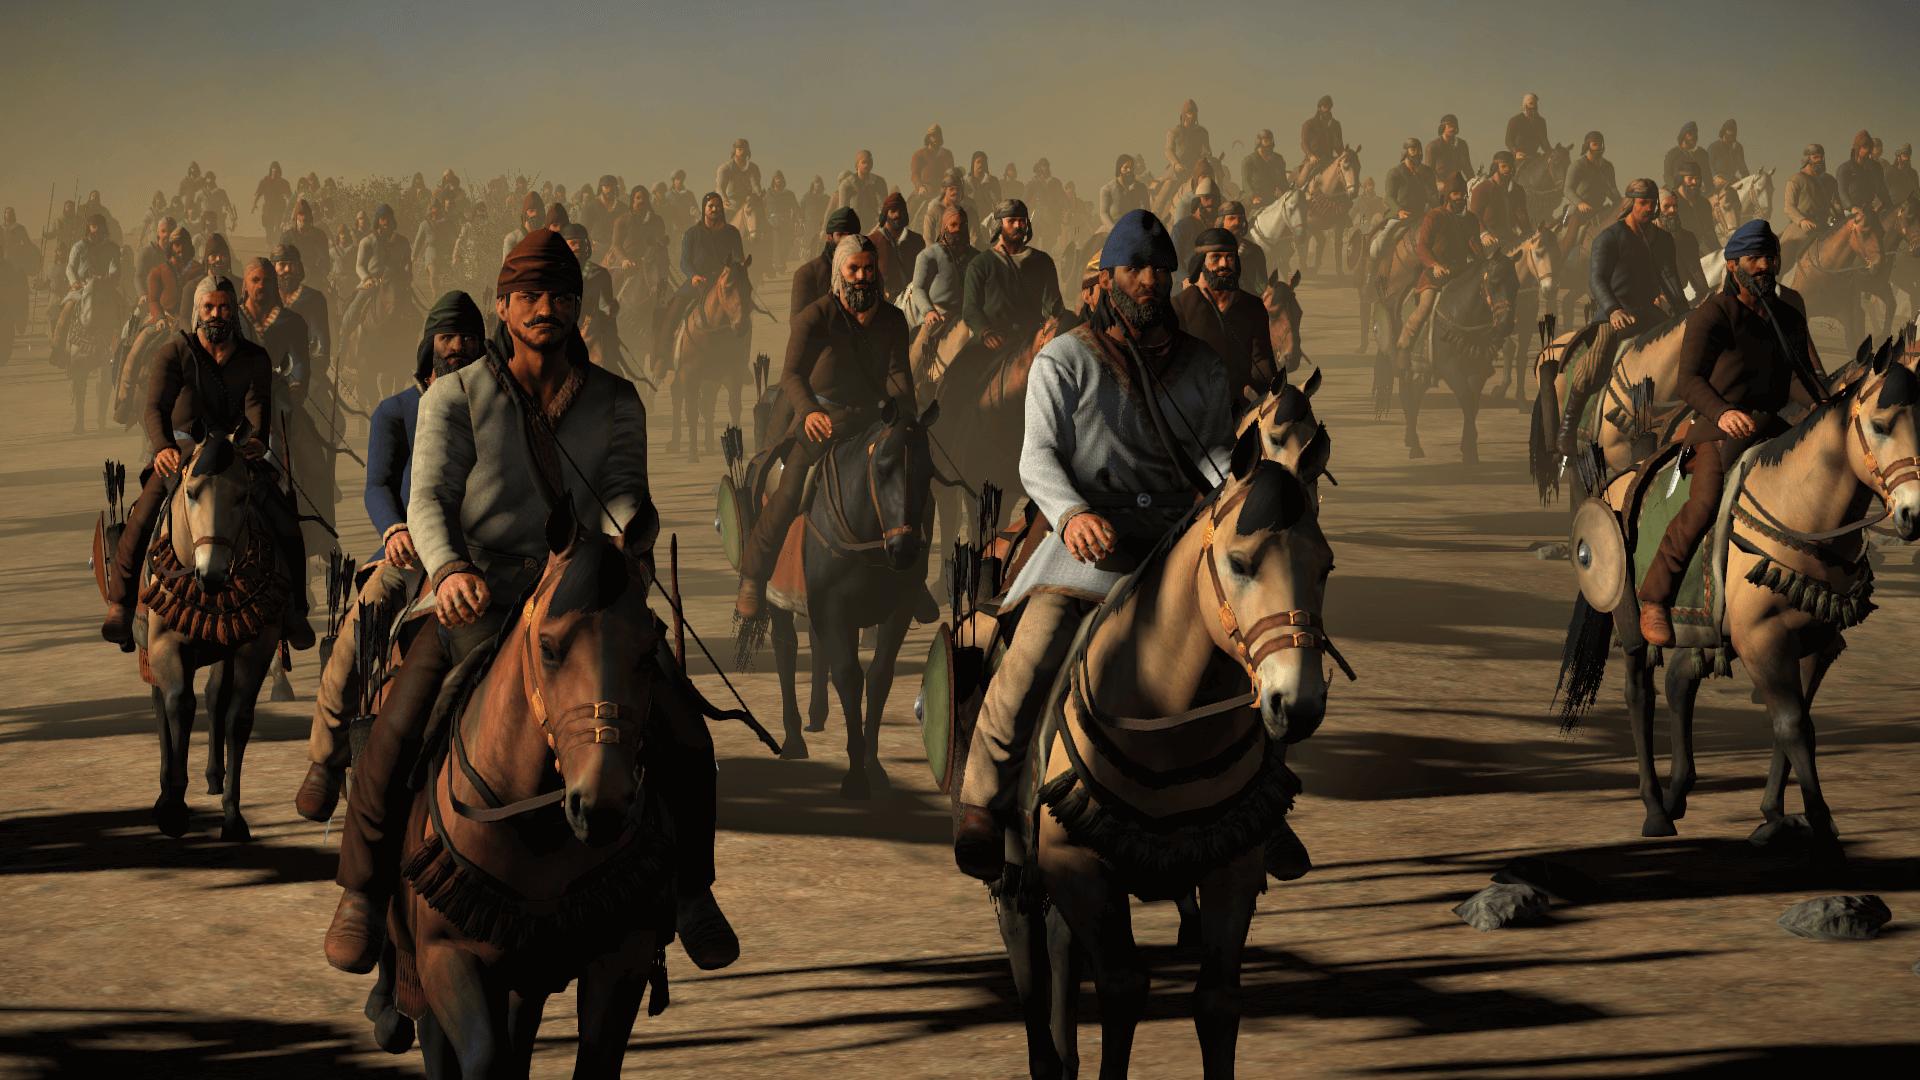 Caballería ligera sasánida, compuesta por nómadas de la estepa, árabes, turcos, etc.